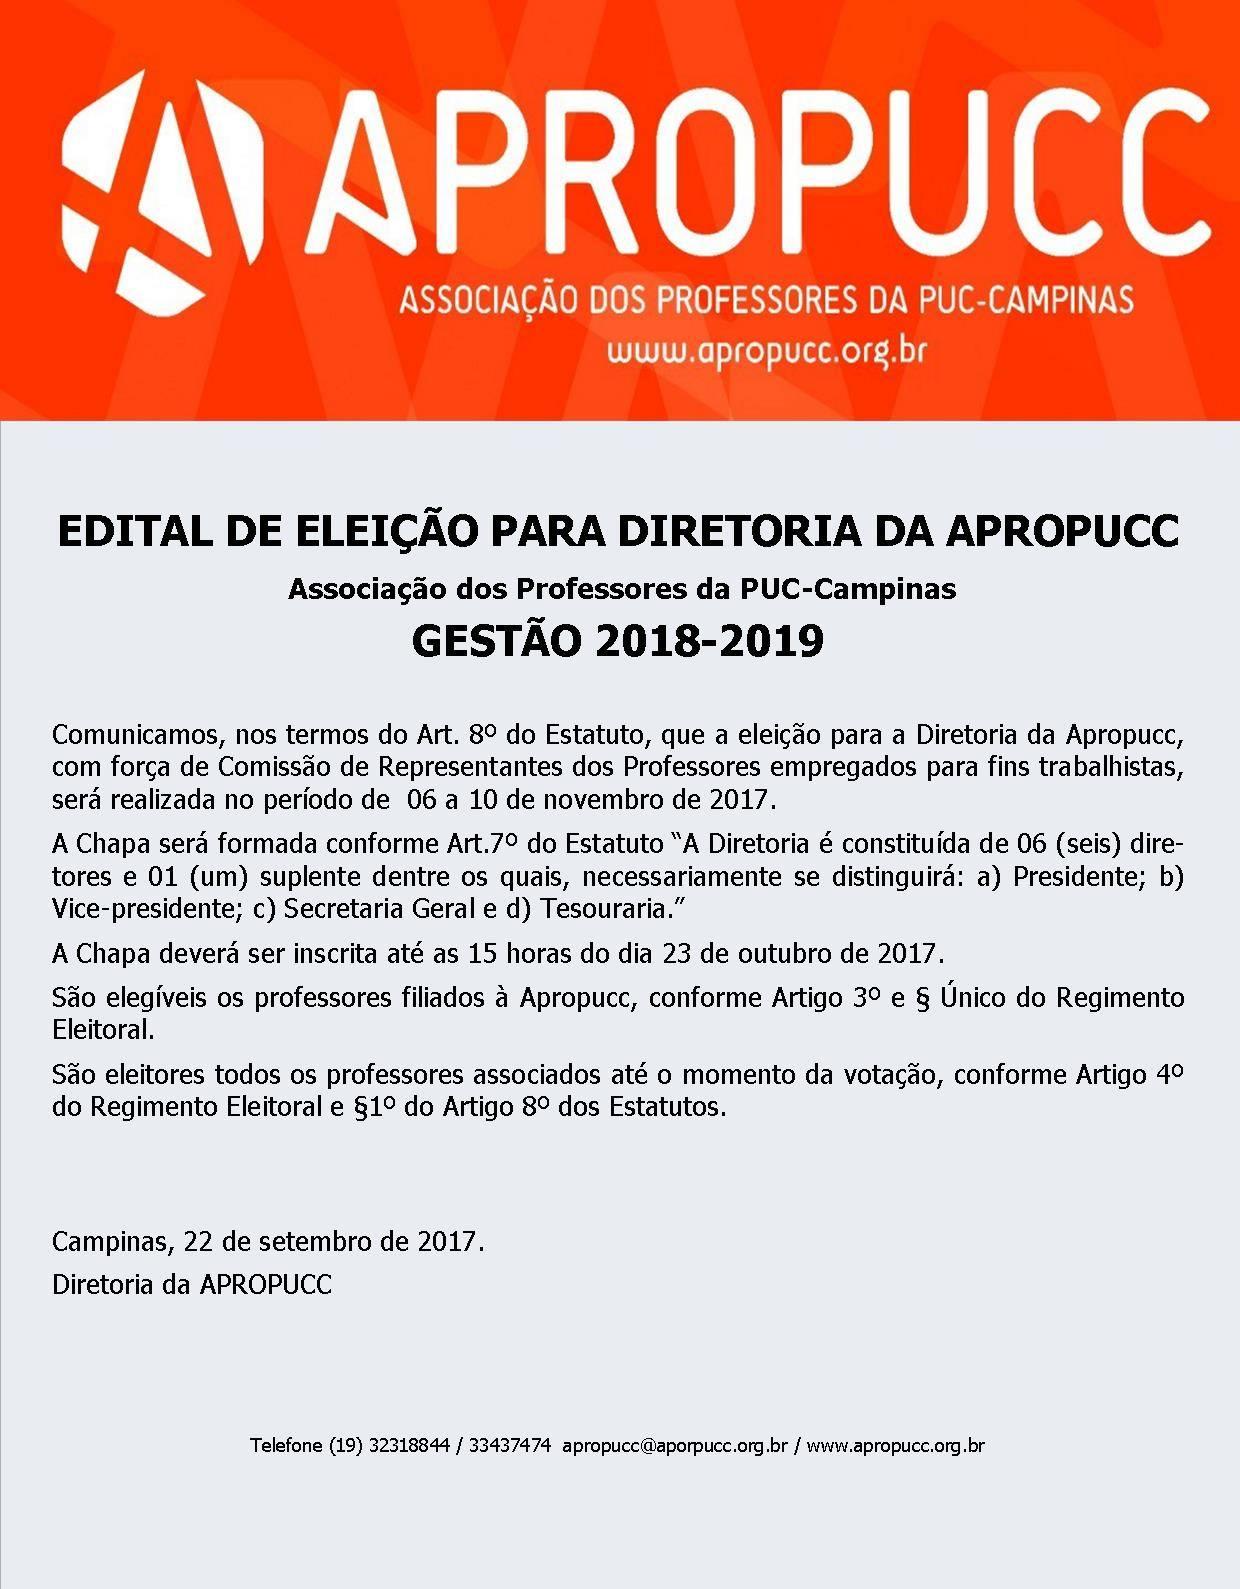 edital_eleicao_2017